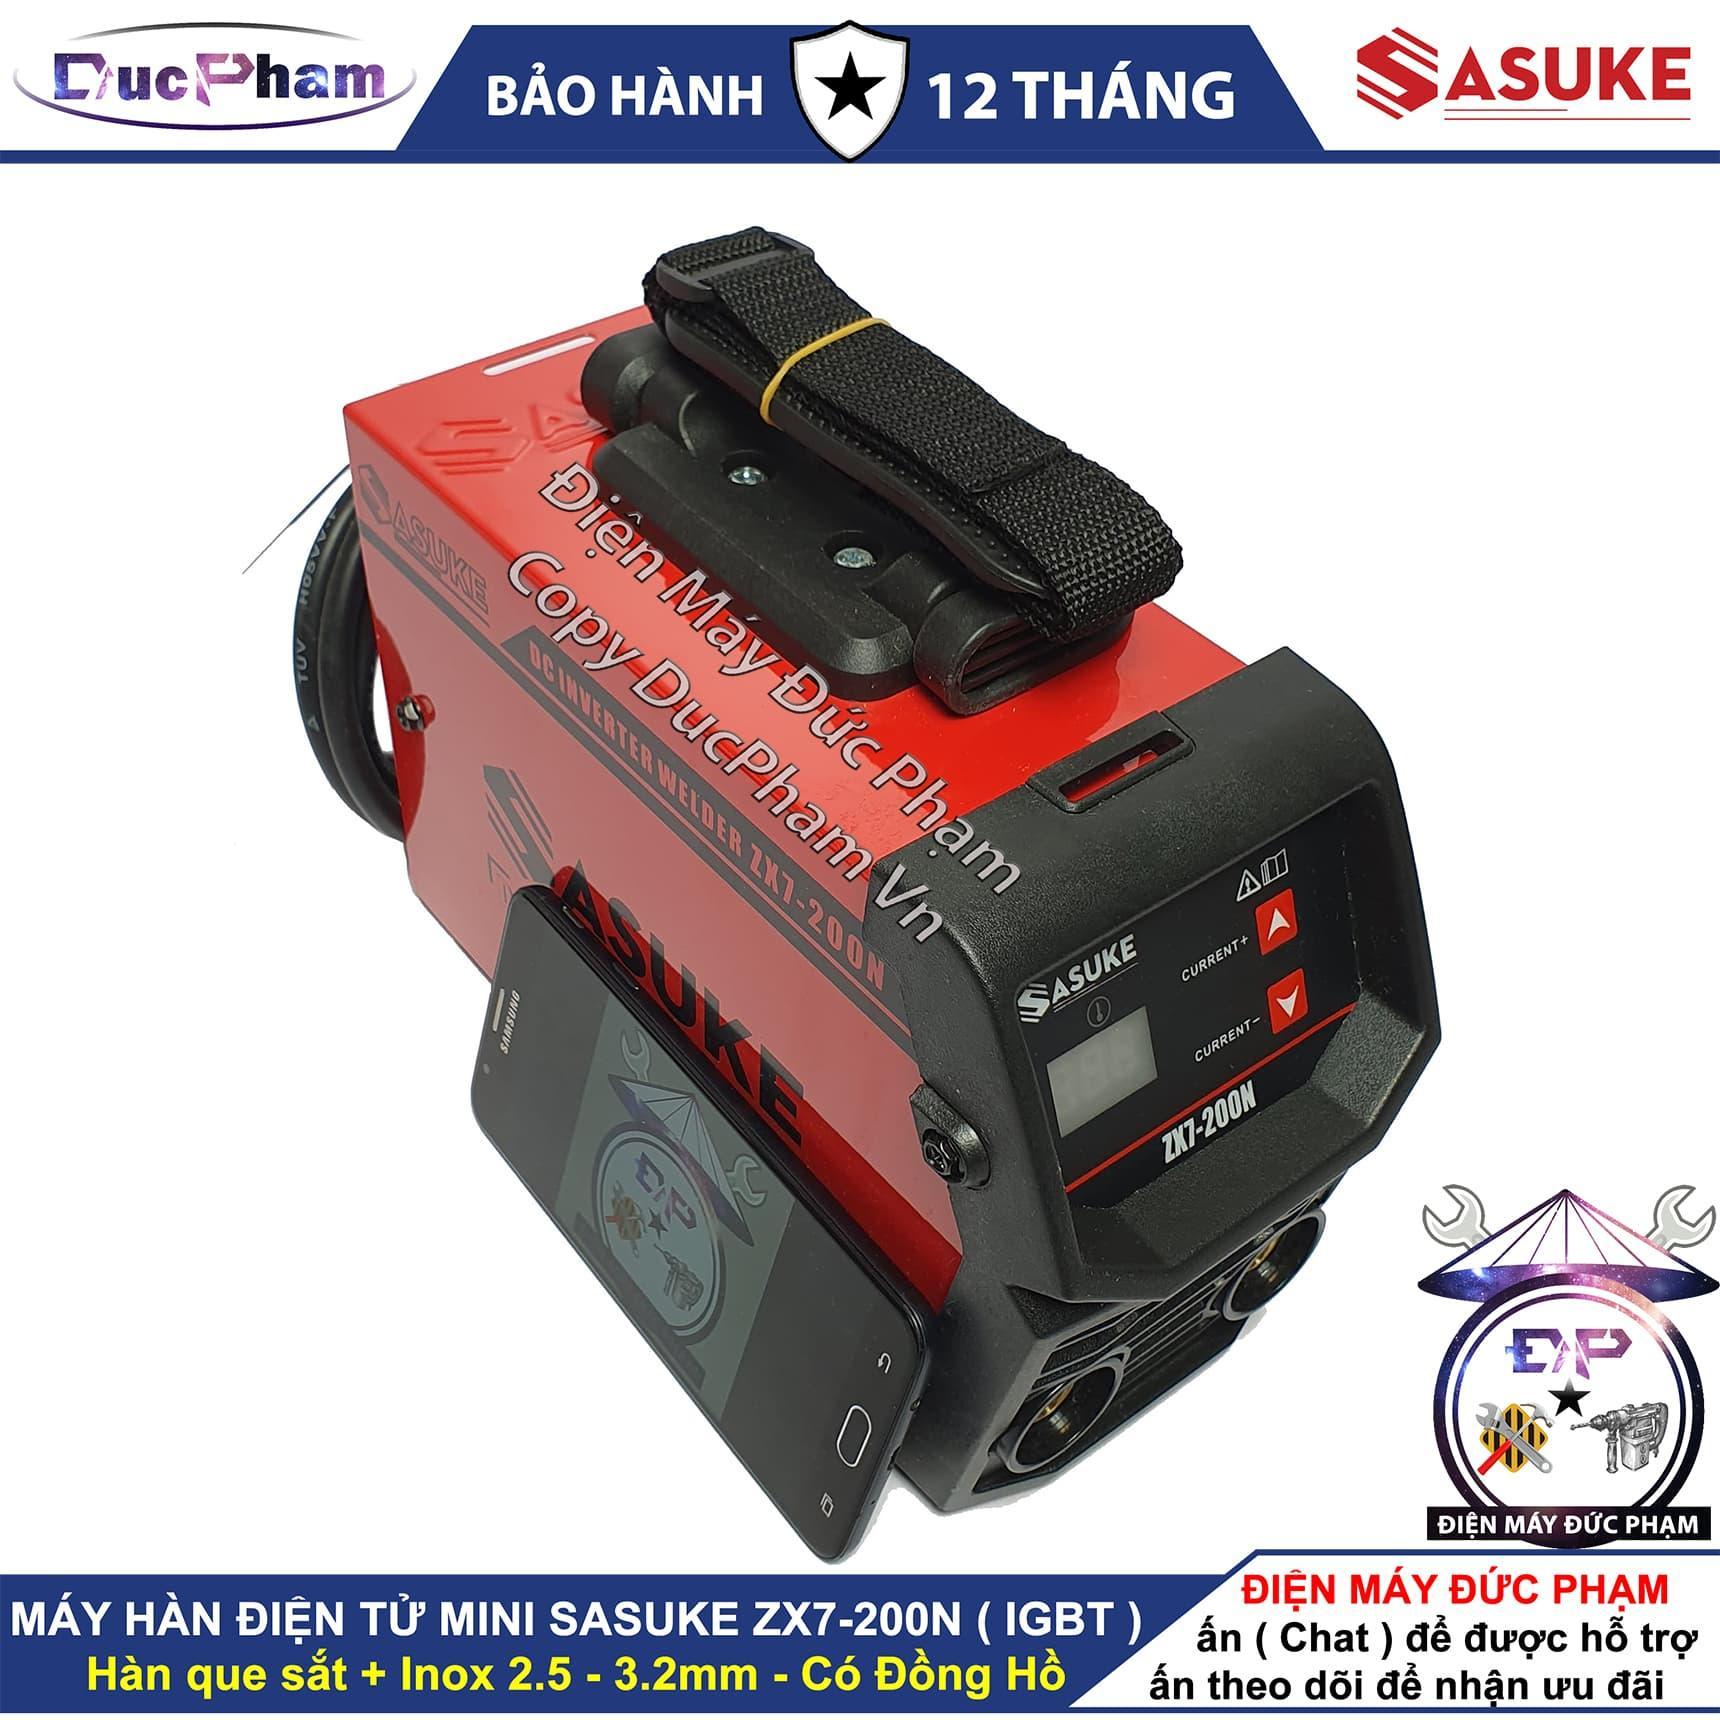 Máy hàn mini Sasuke ZX7-200N có đồng hồ - Điện Máy Đức Phạm - DucPham Vn ,máy hàn que 200A , máy hàn điện tử , máy hàn mini gia đình